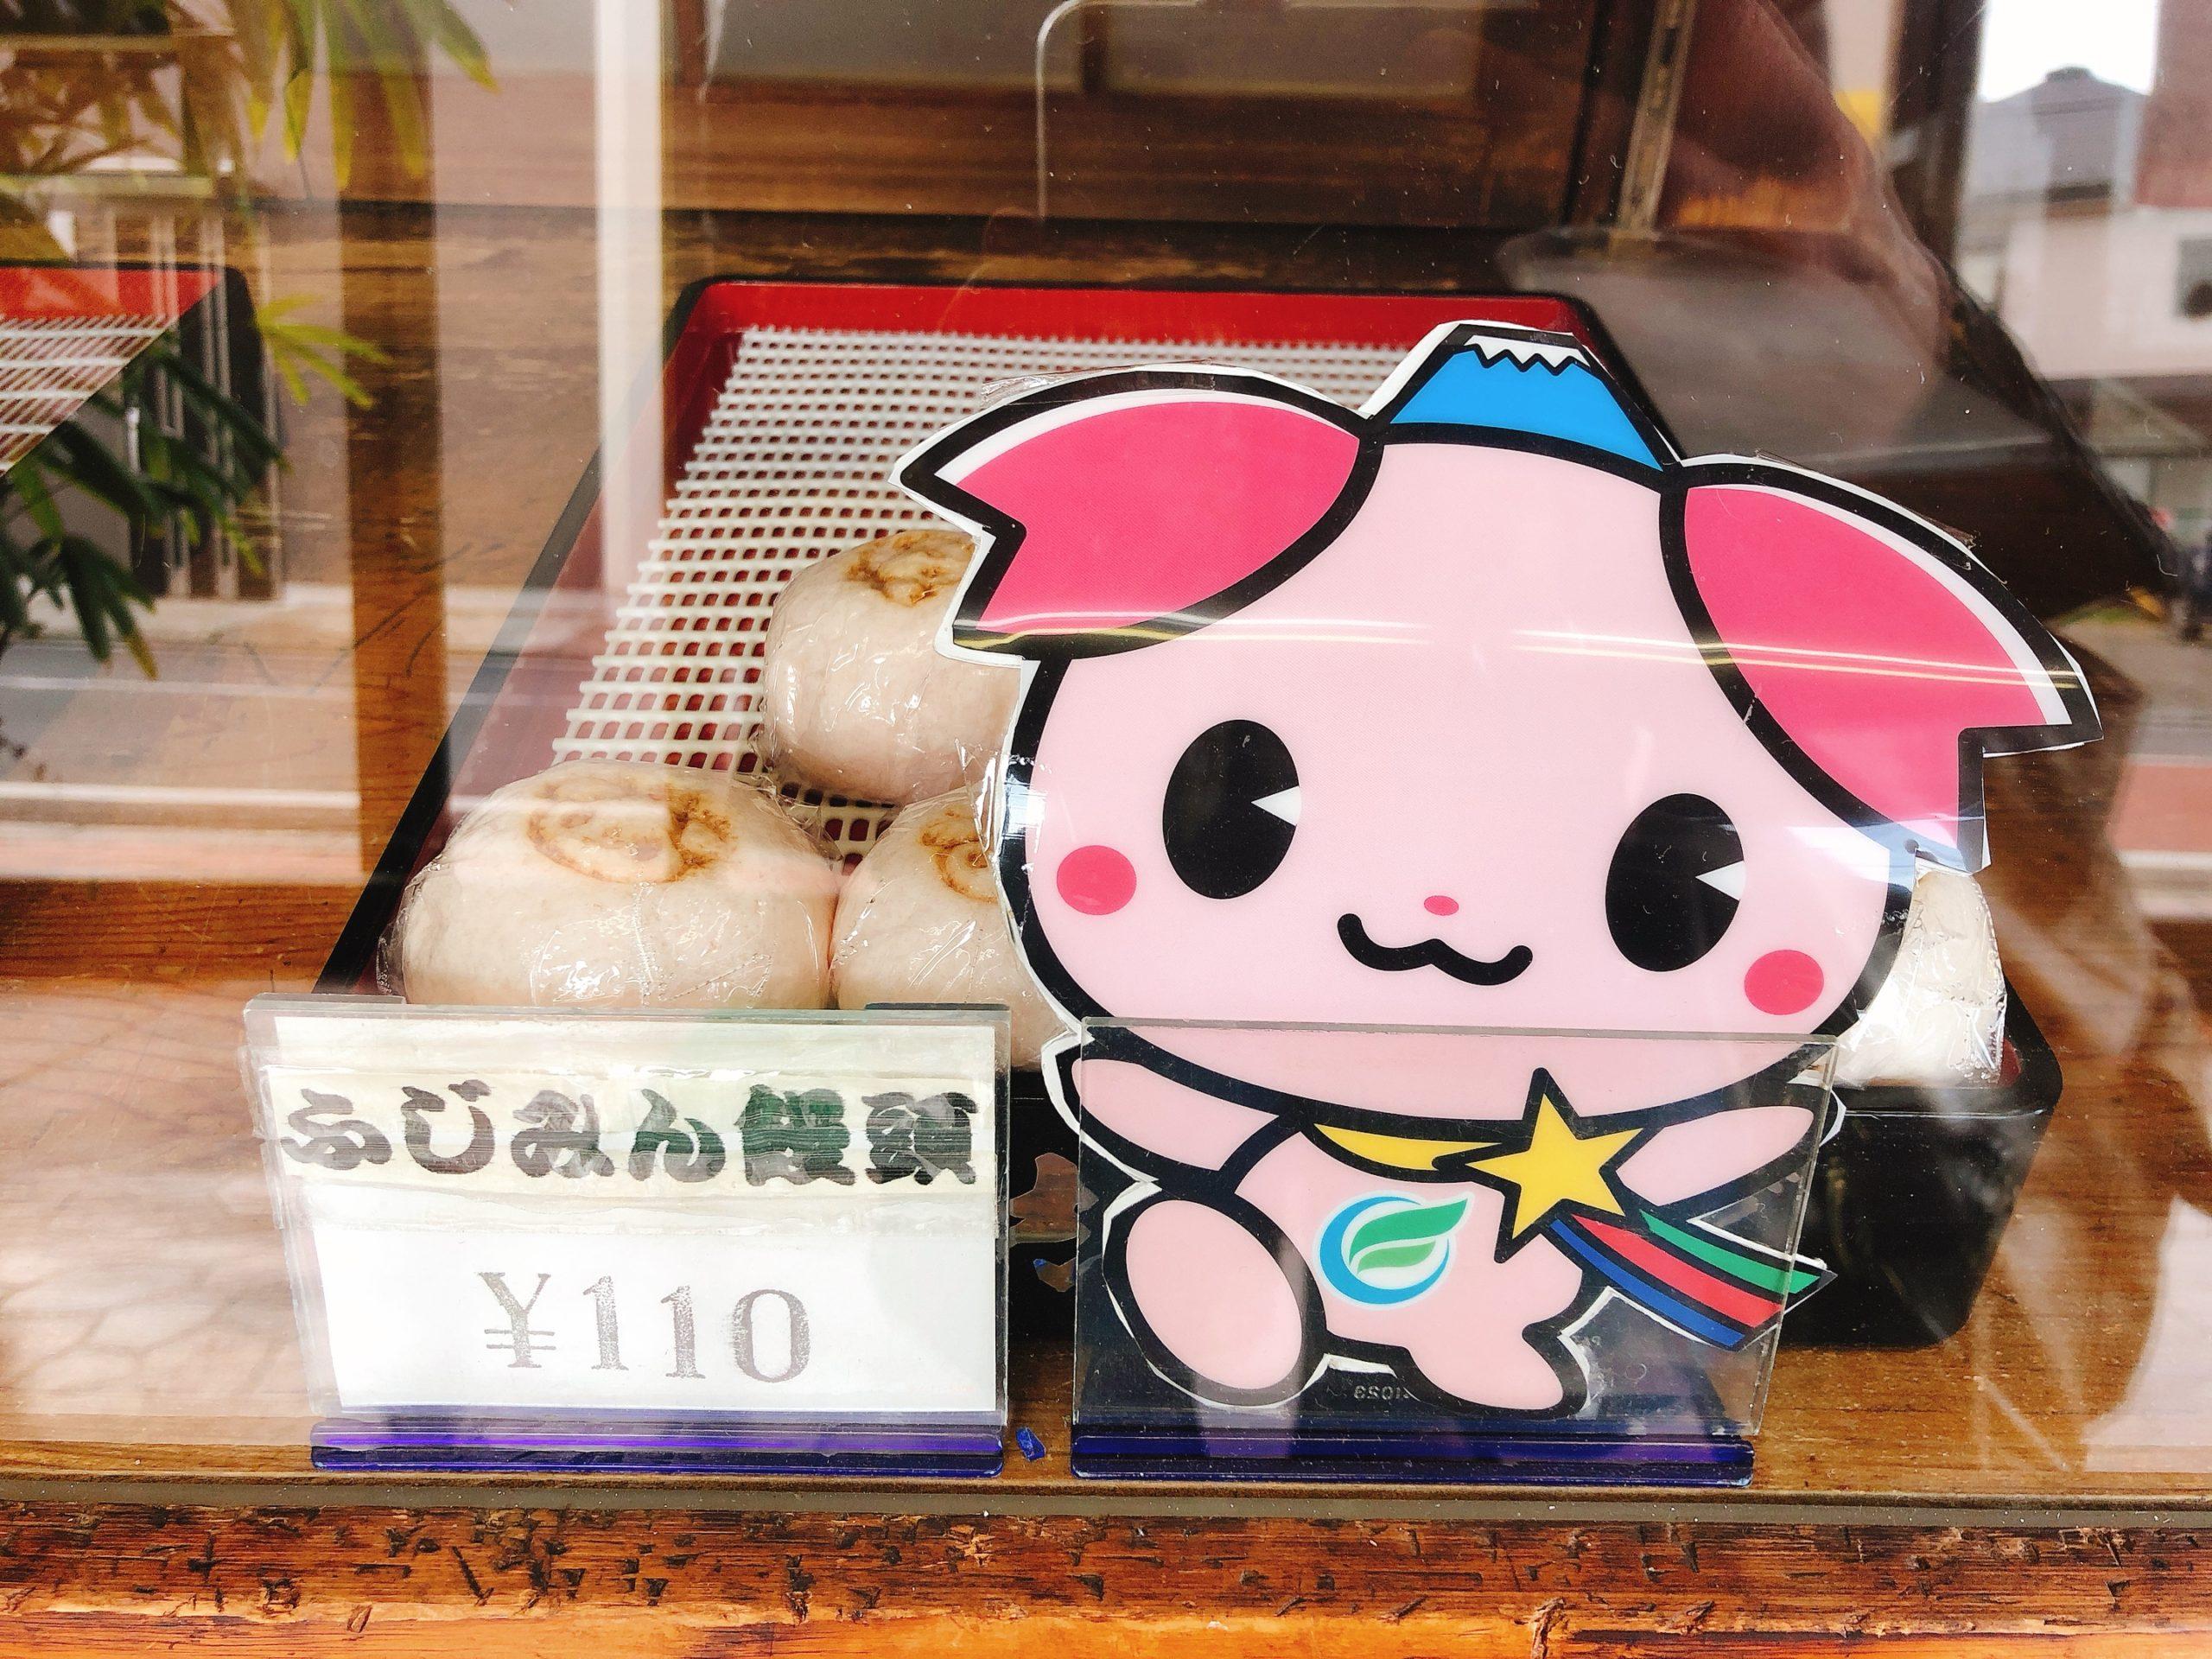 ふじみん饅頭